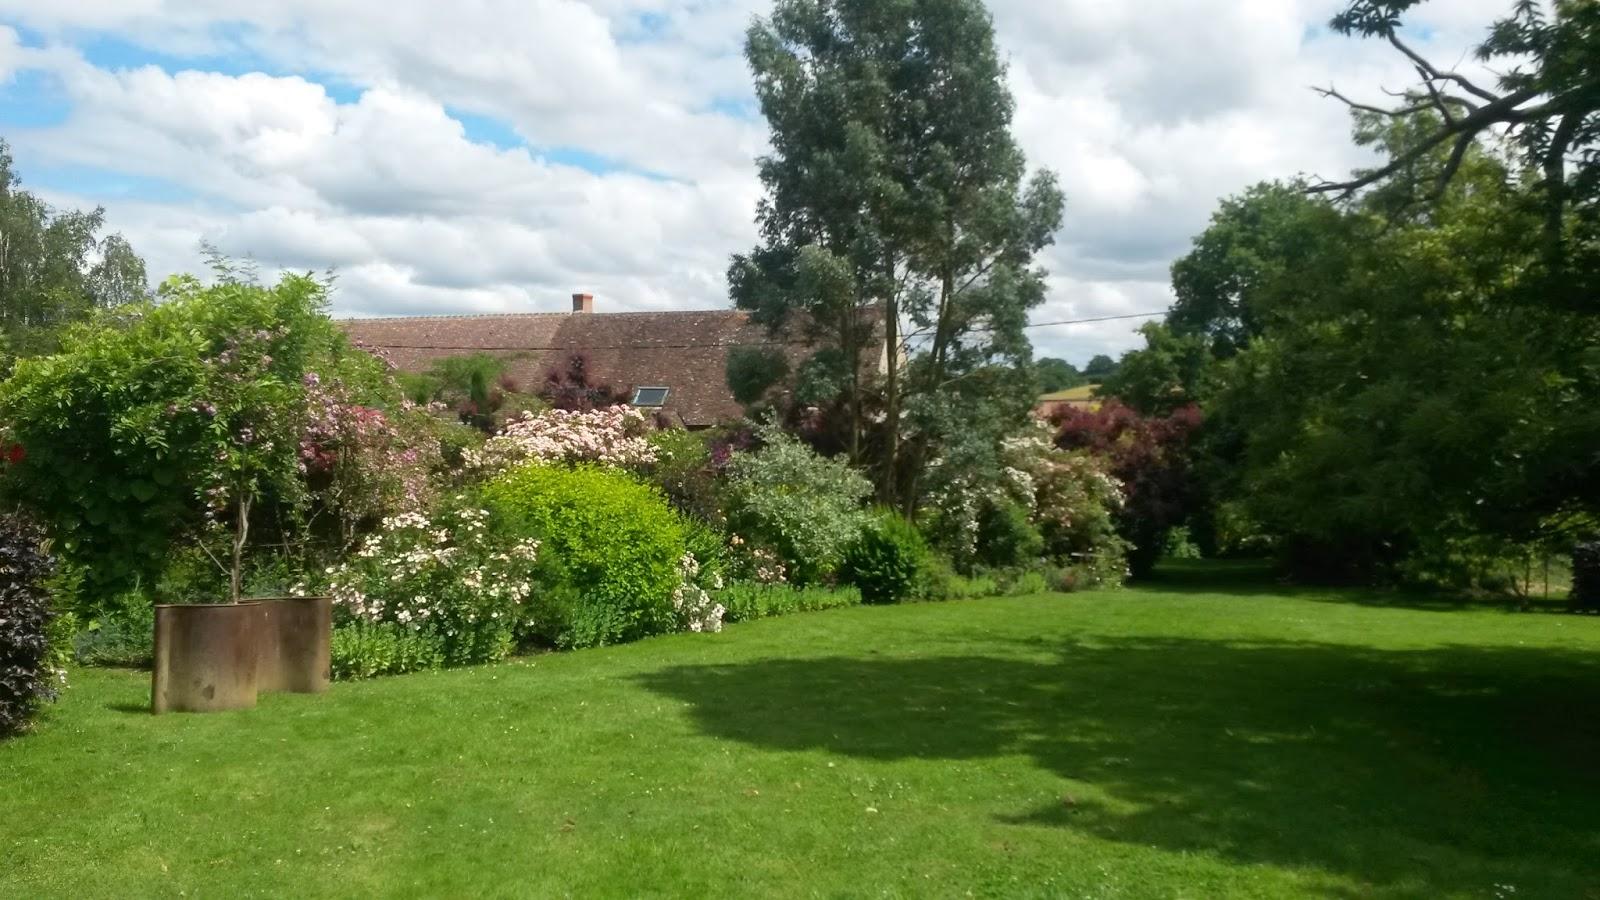 Nibelle et baudouin le jardin de marie dans le berry - Jardin champetre rustique lyon ...